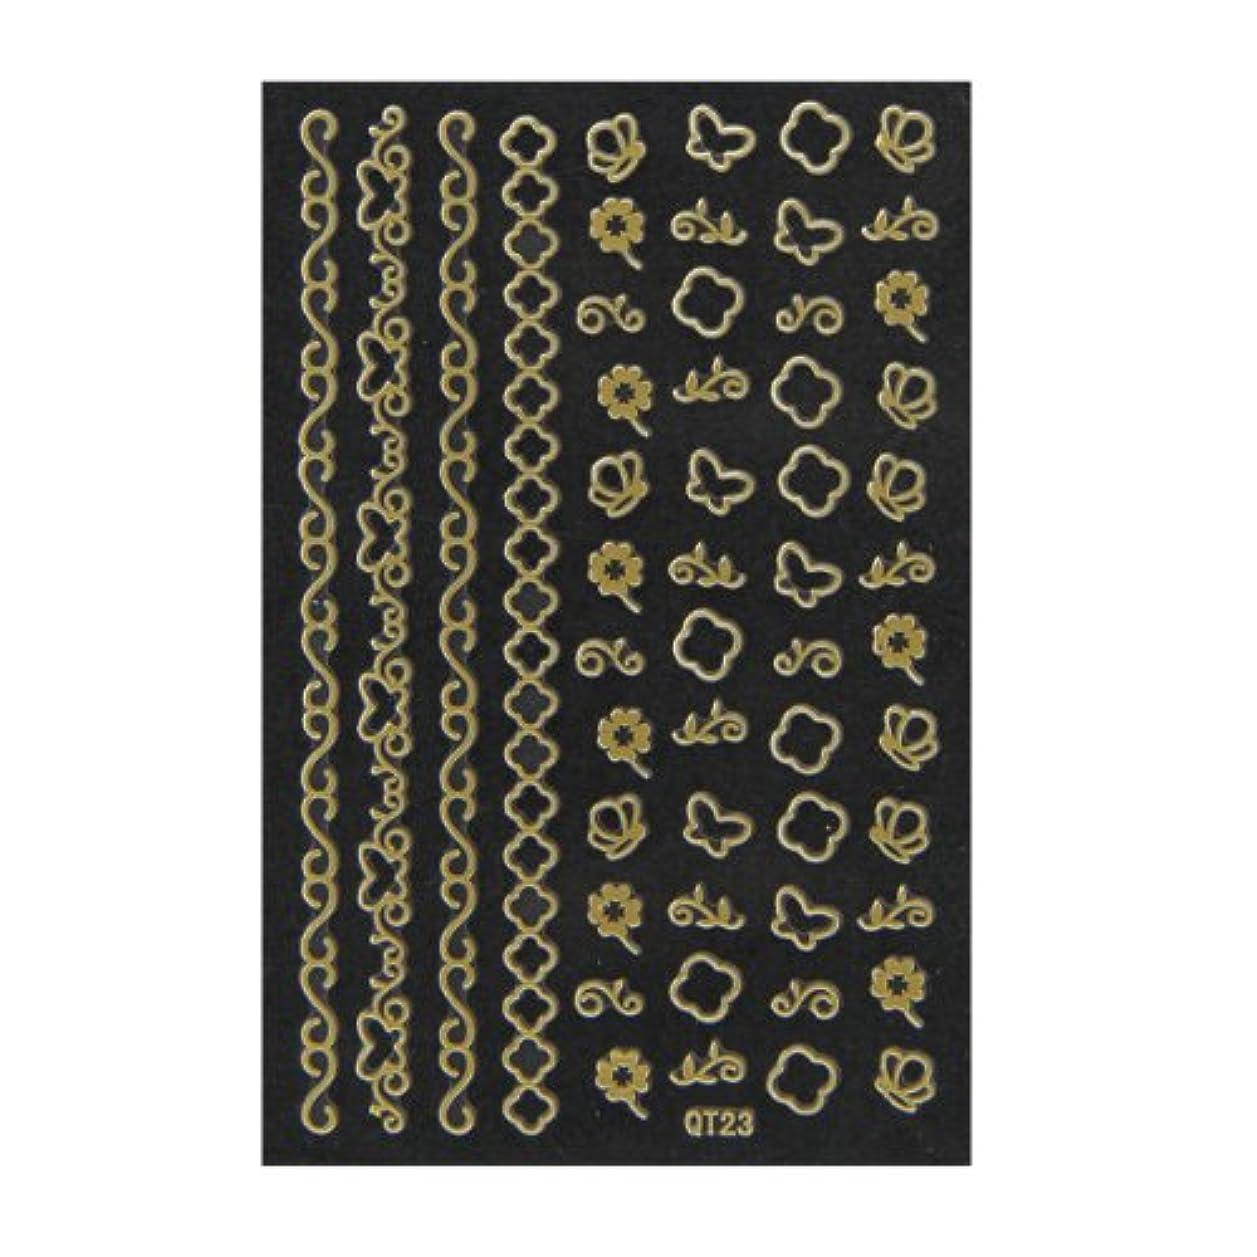 手数料かんがい呪いネイルシール 3D ネイルシート ファッションネイル メタリックシール23 (ネイル用品)